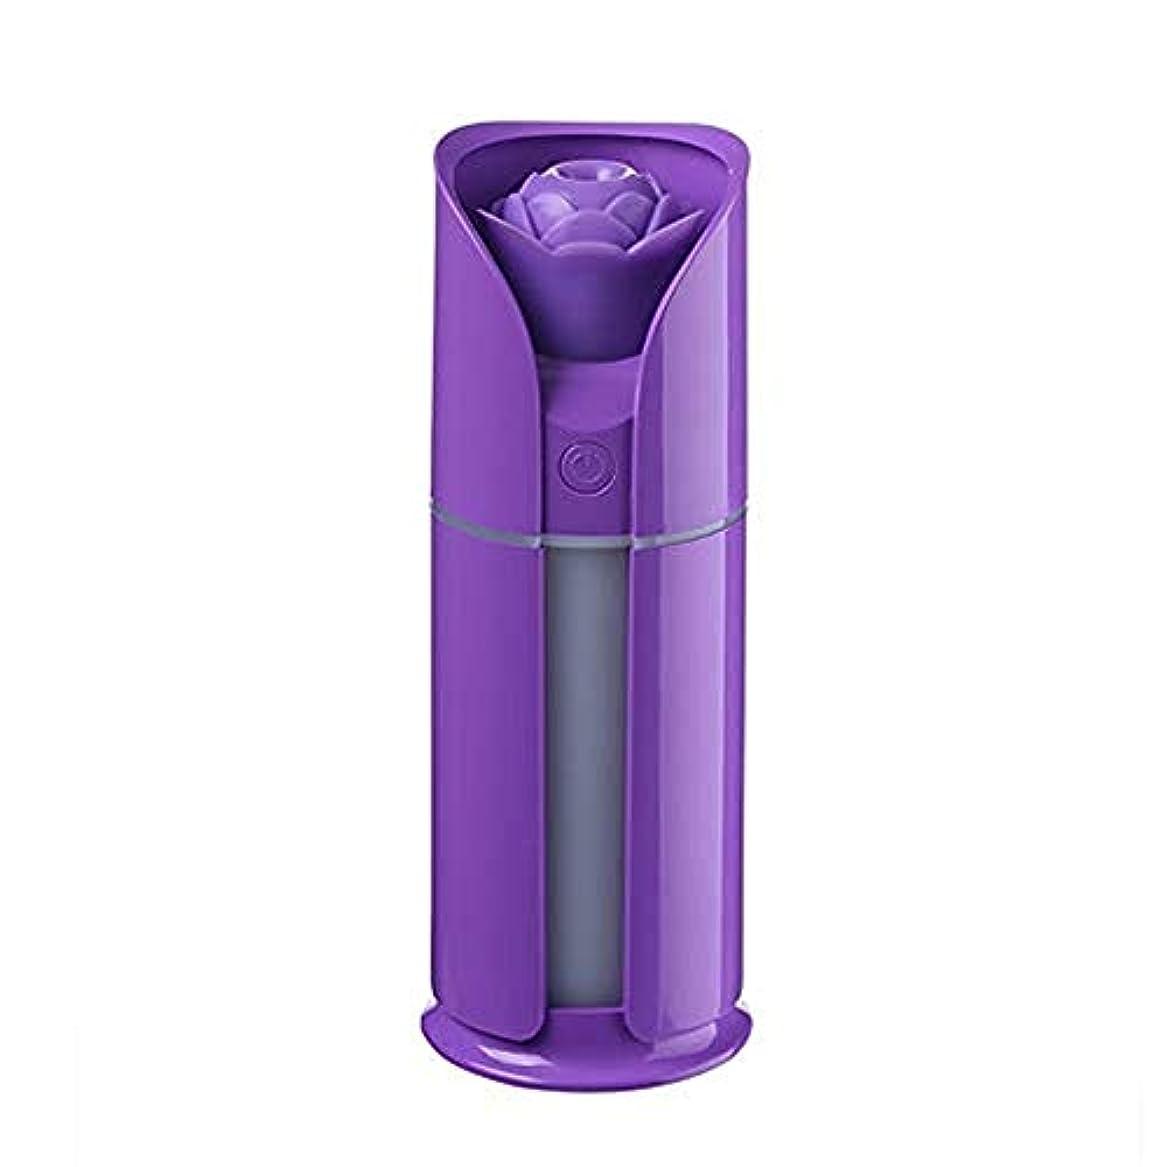 電話する無効セントJtydj 調節可能な散水なしの自動シャットダウンを備えた新鮮なミスト130 MLの加湿器 (色 : 紫の)